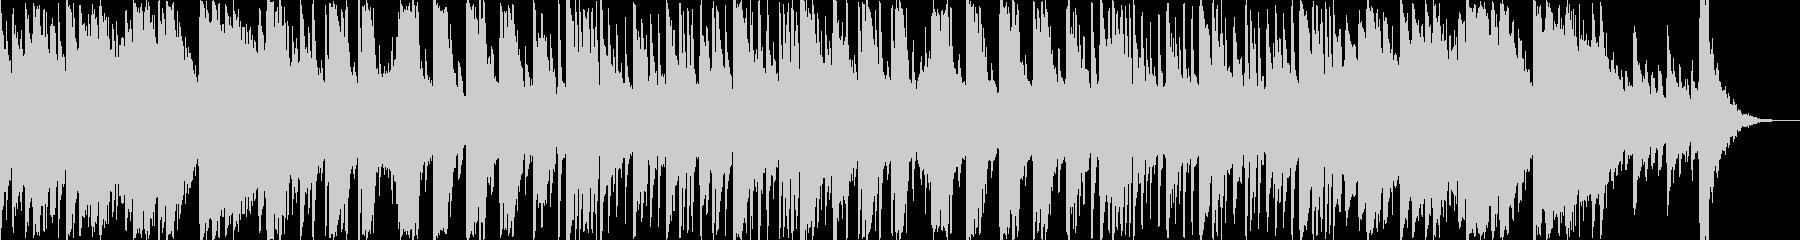 Jpopのアコースティックアレンジ風の未再生の波形